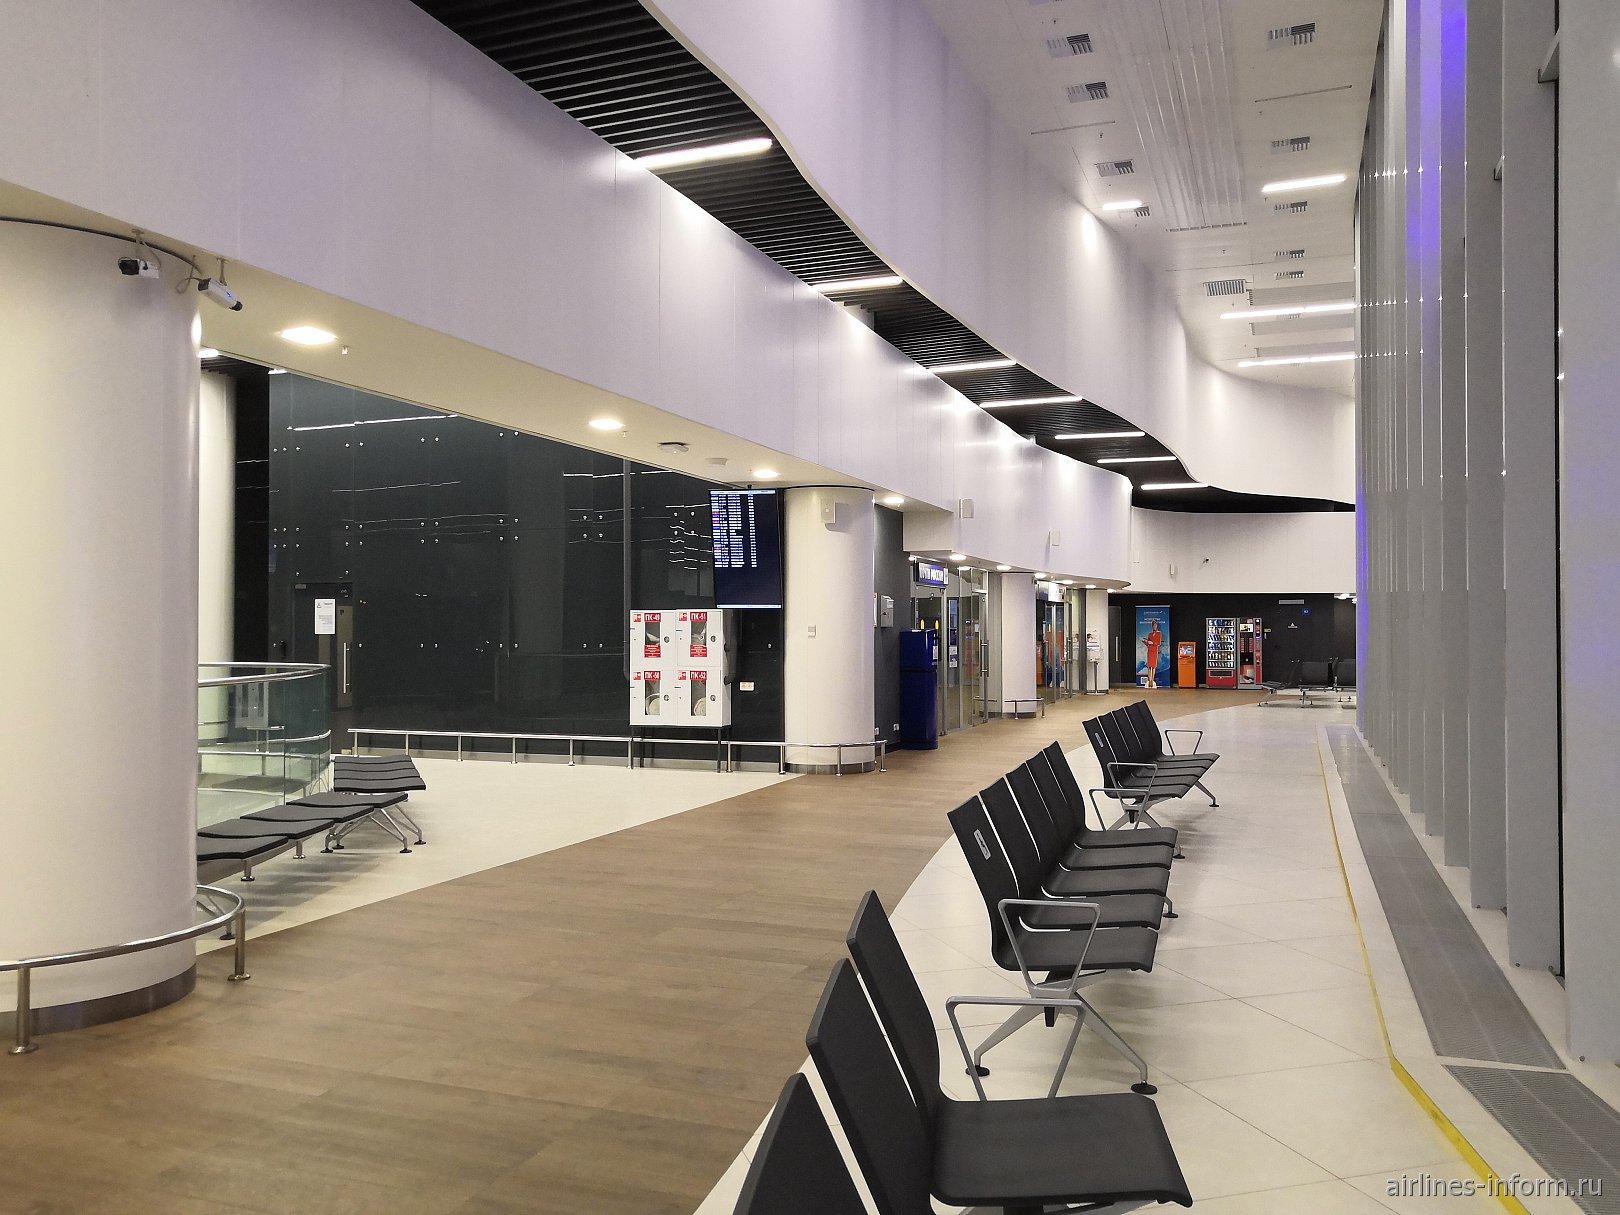 Переход из левой части терминала в правую в аэропорту Нижний Новгород Стригино